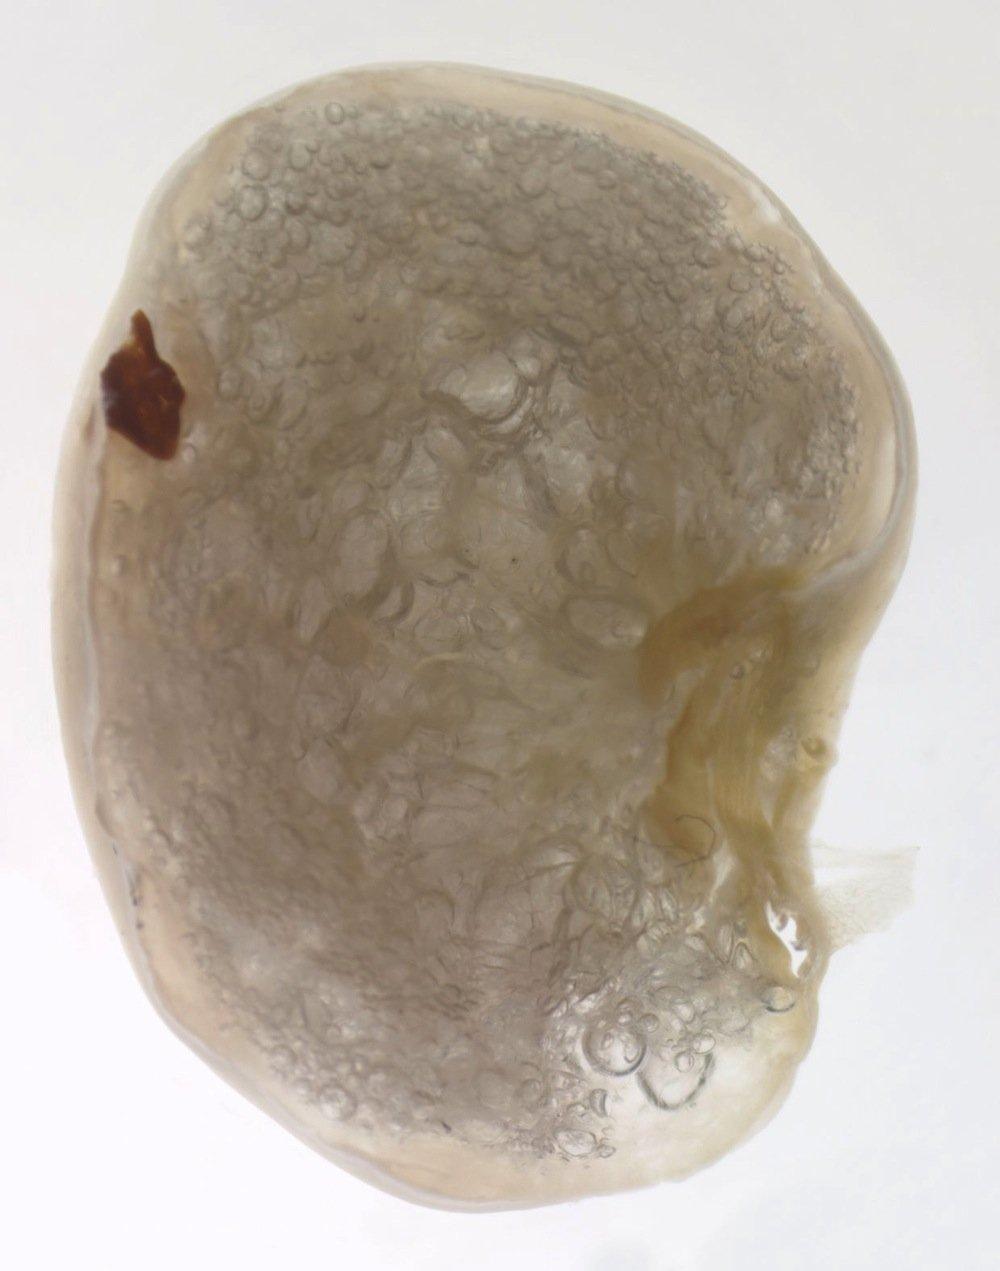 Querschnitt durch ein Zementfloß, mit einem Stück Alge (dunkler Punkt), an dem sich das Tier festgesetzt hat.